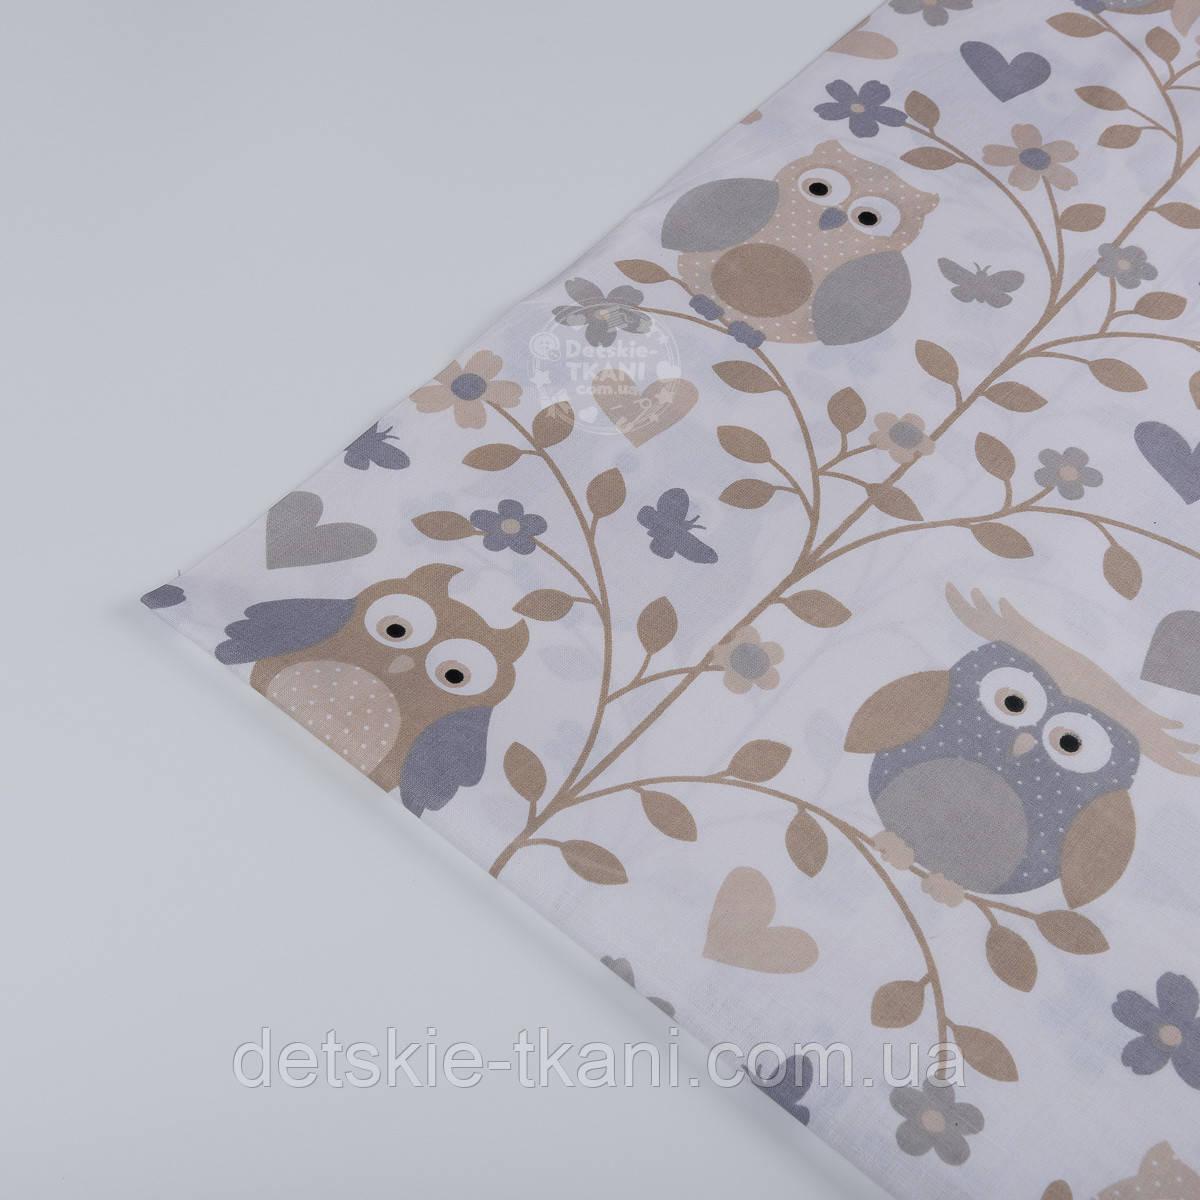 """Лоскут ткани №716 """"Бежевые совы на бежевых деревьях, размер 45*80 см"""